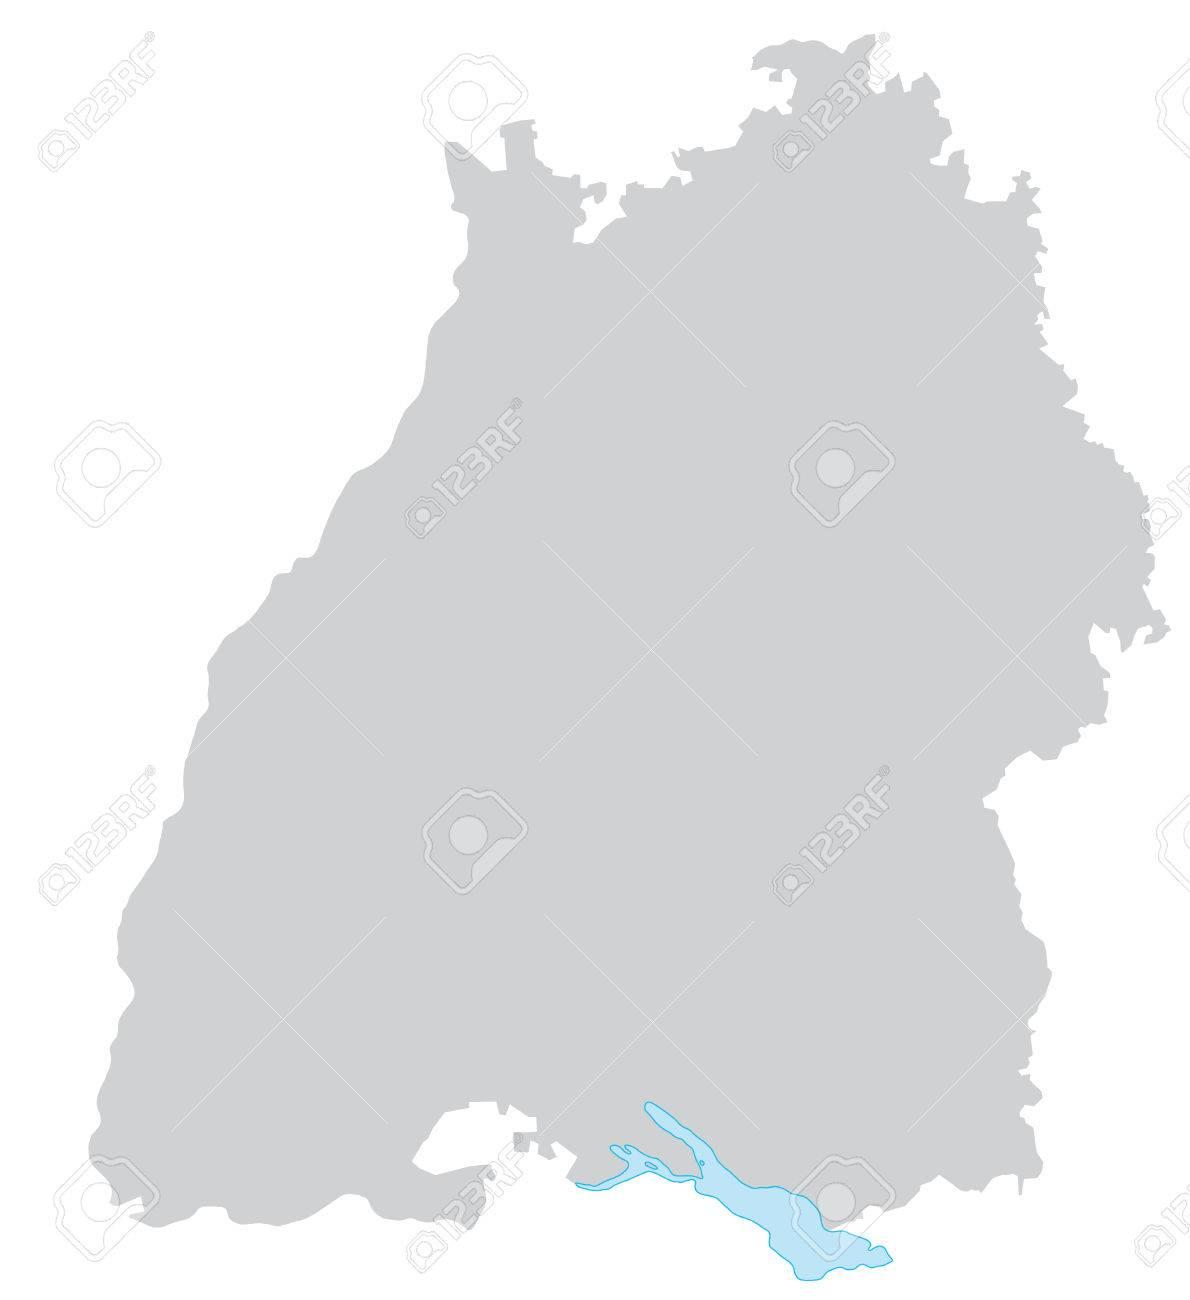 Karte Von Baden-Württemberg Mit Rahmen In Grau Lizenzfrei Nutzbare ...